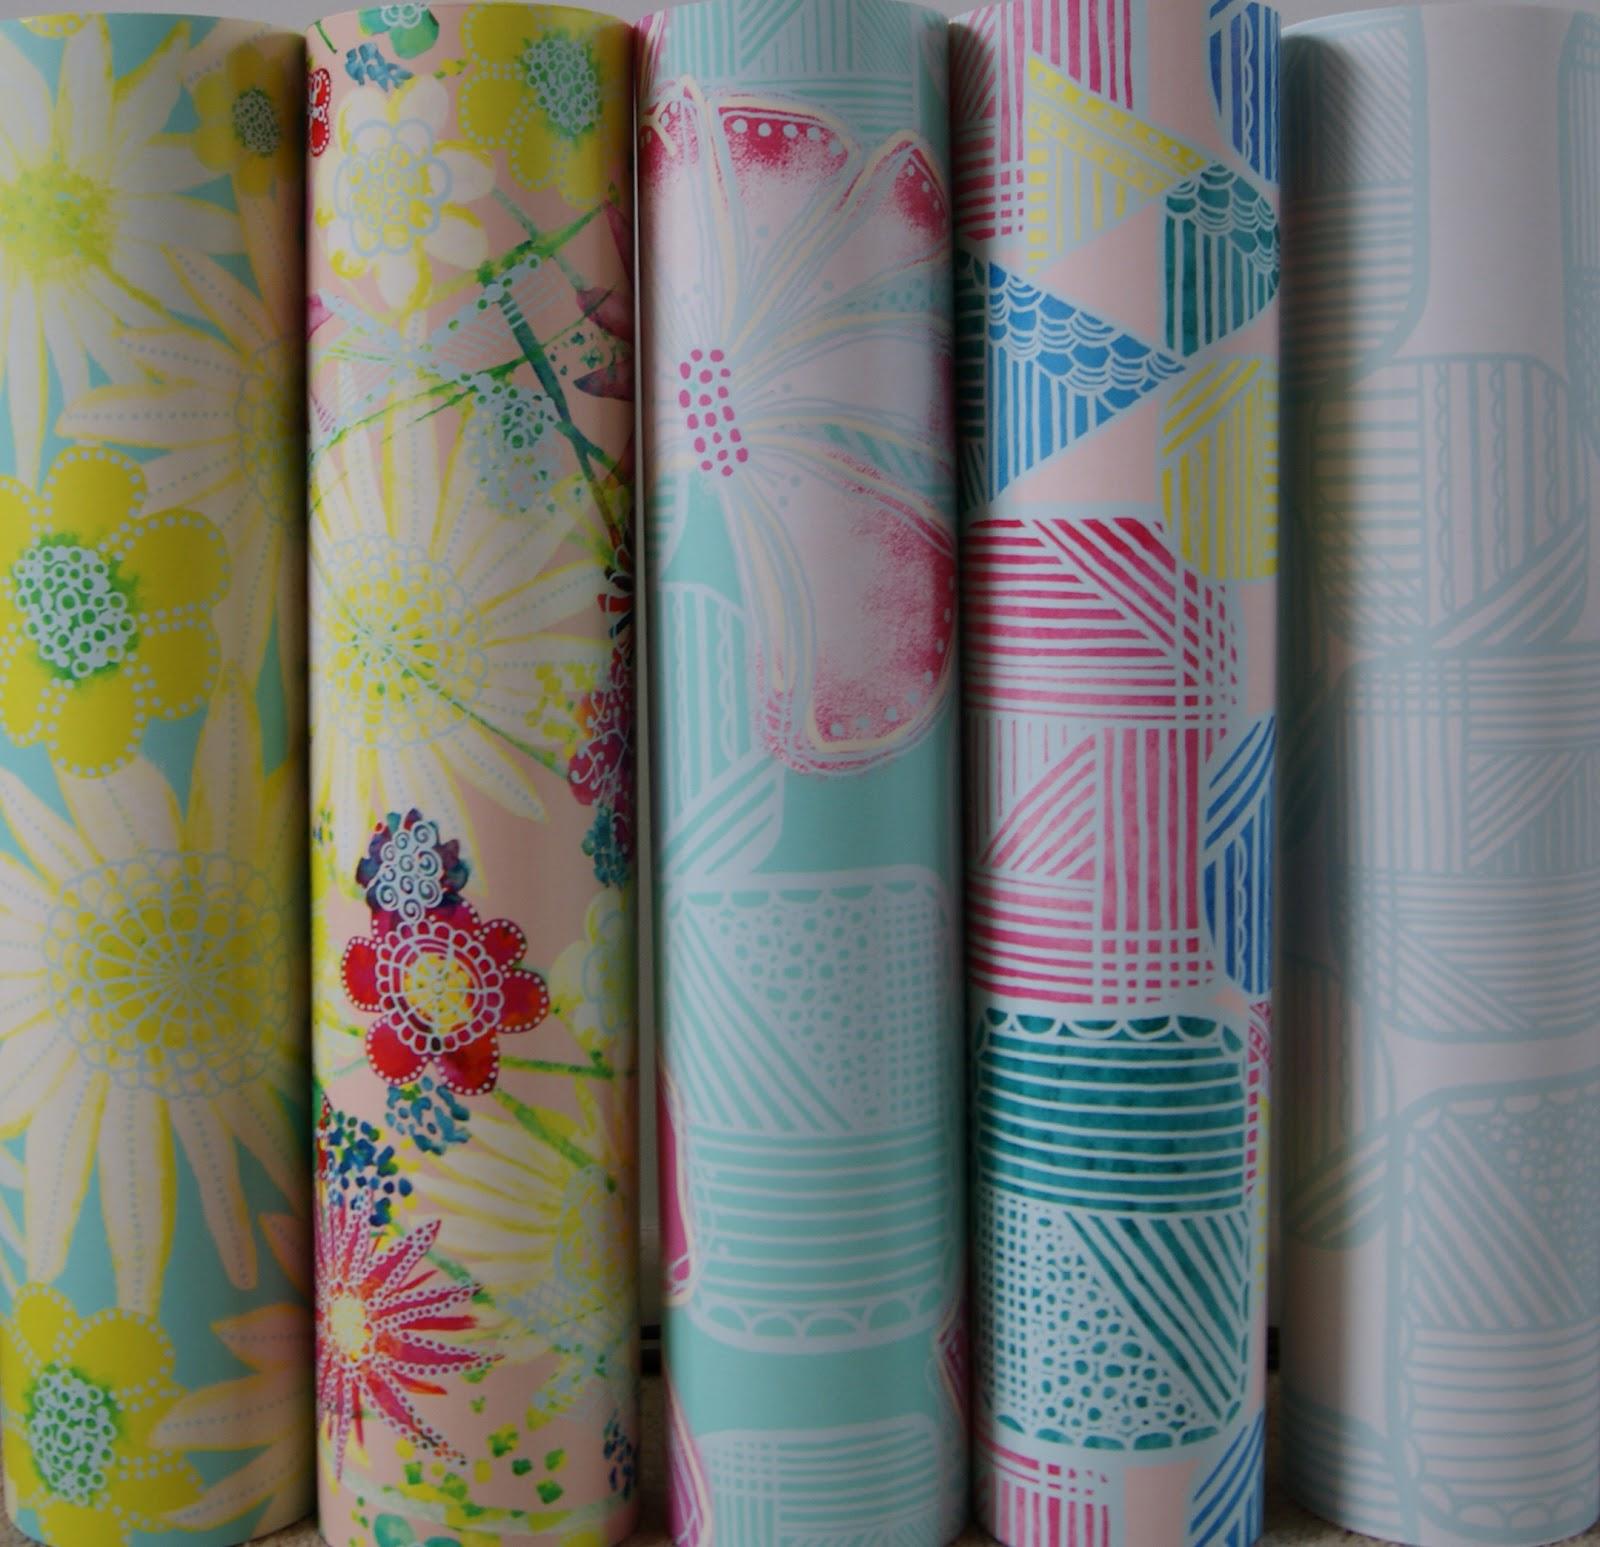 http://2.bp.blogspot.com/-CDnlngKqCsU/UCFpx1yEvsI/AAAAAAAAAd4/791S3ikhyR8/s1600/wallpaper+samples.jpg